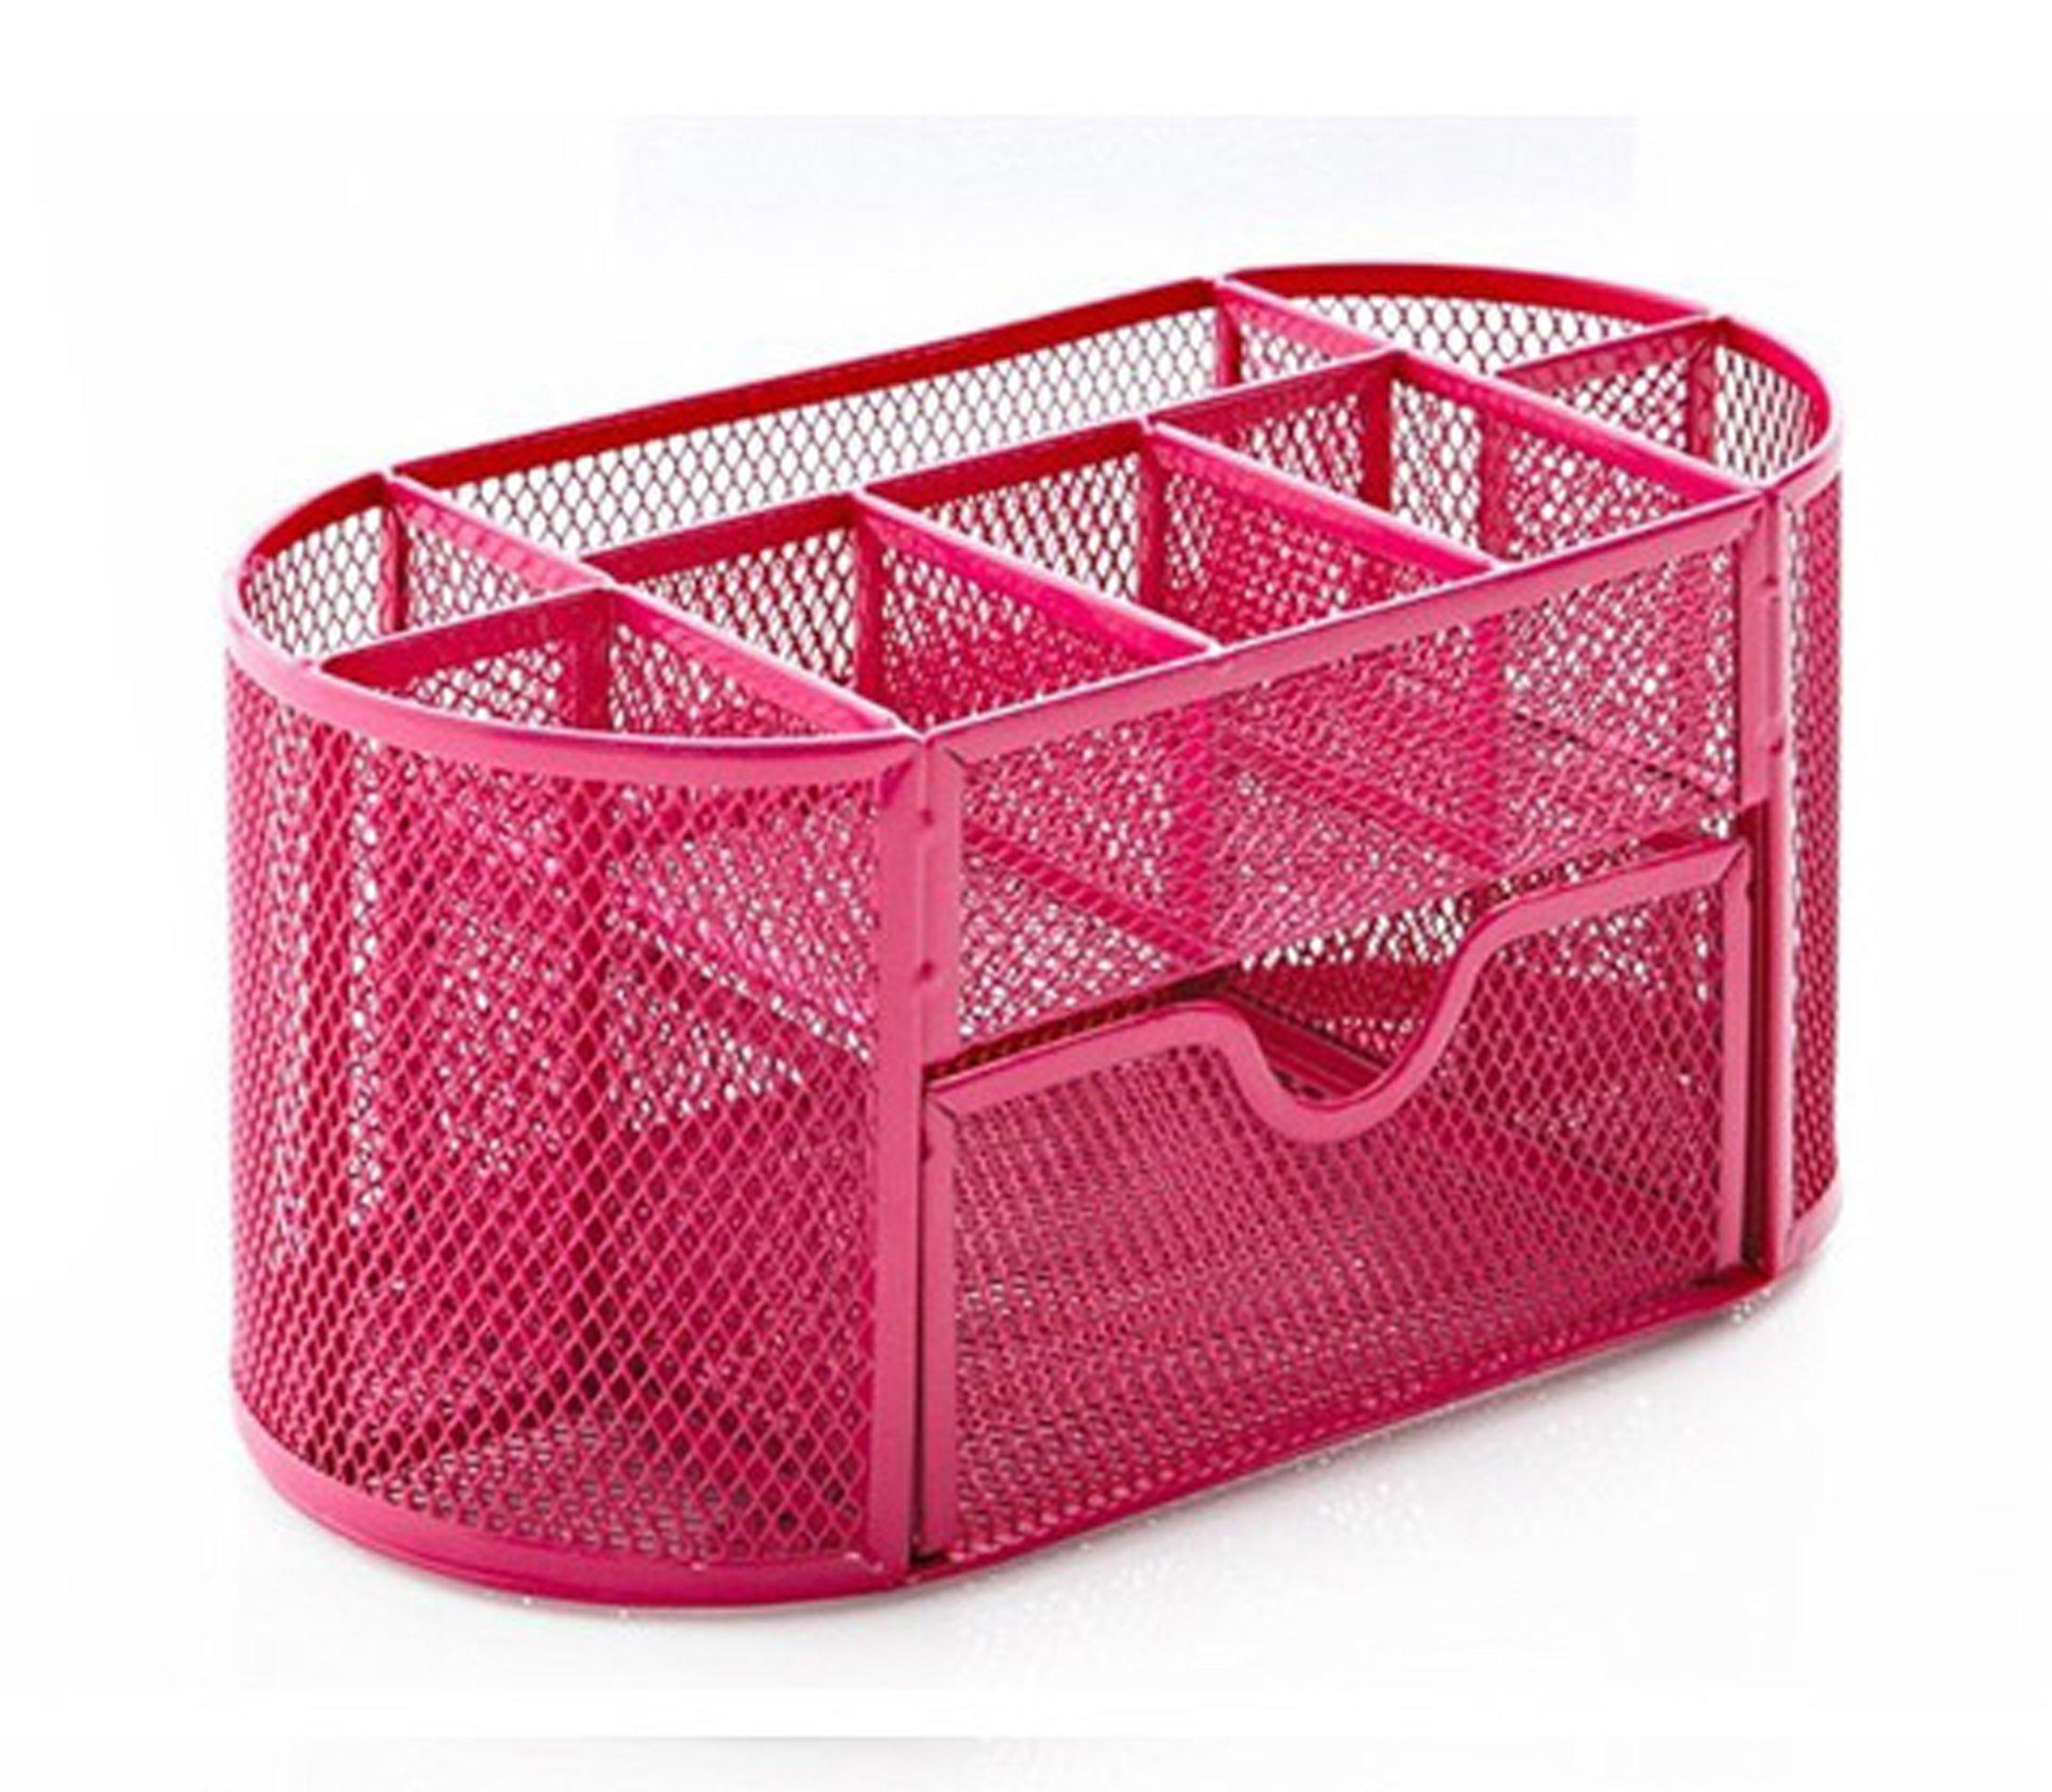 Desk organizer office supply caddy office school home - Pink desk organizer ...